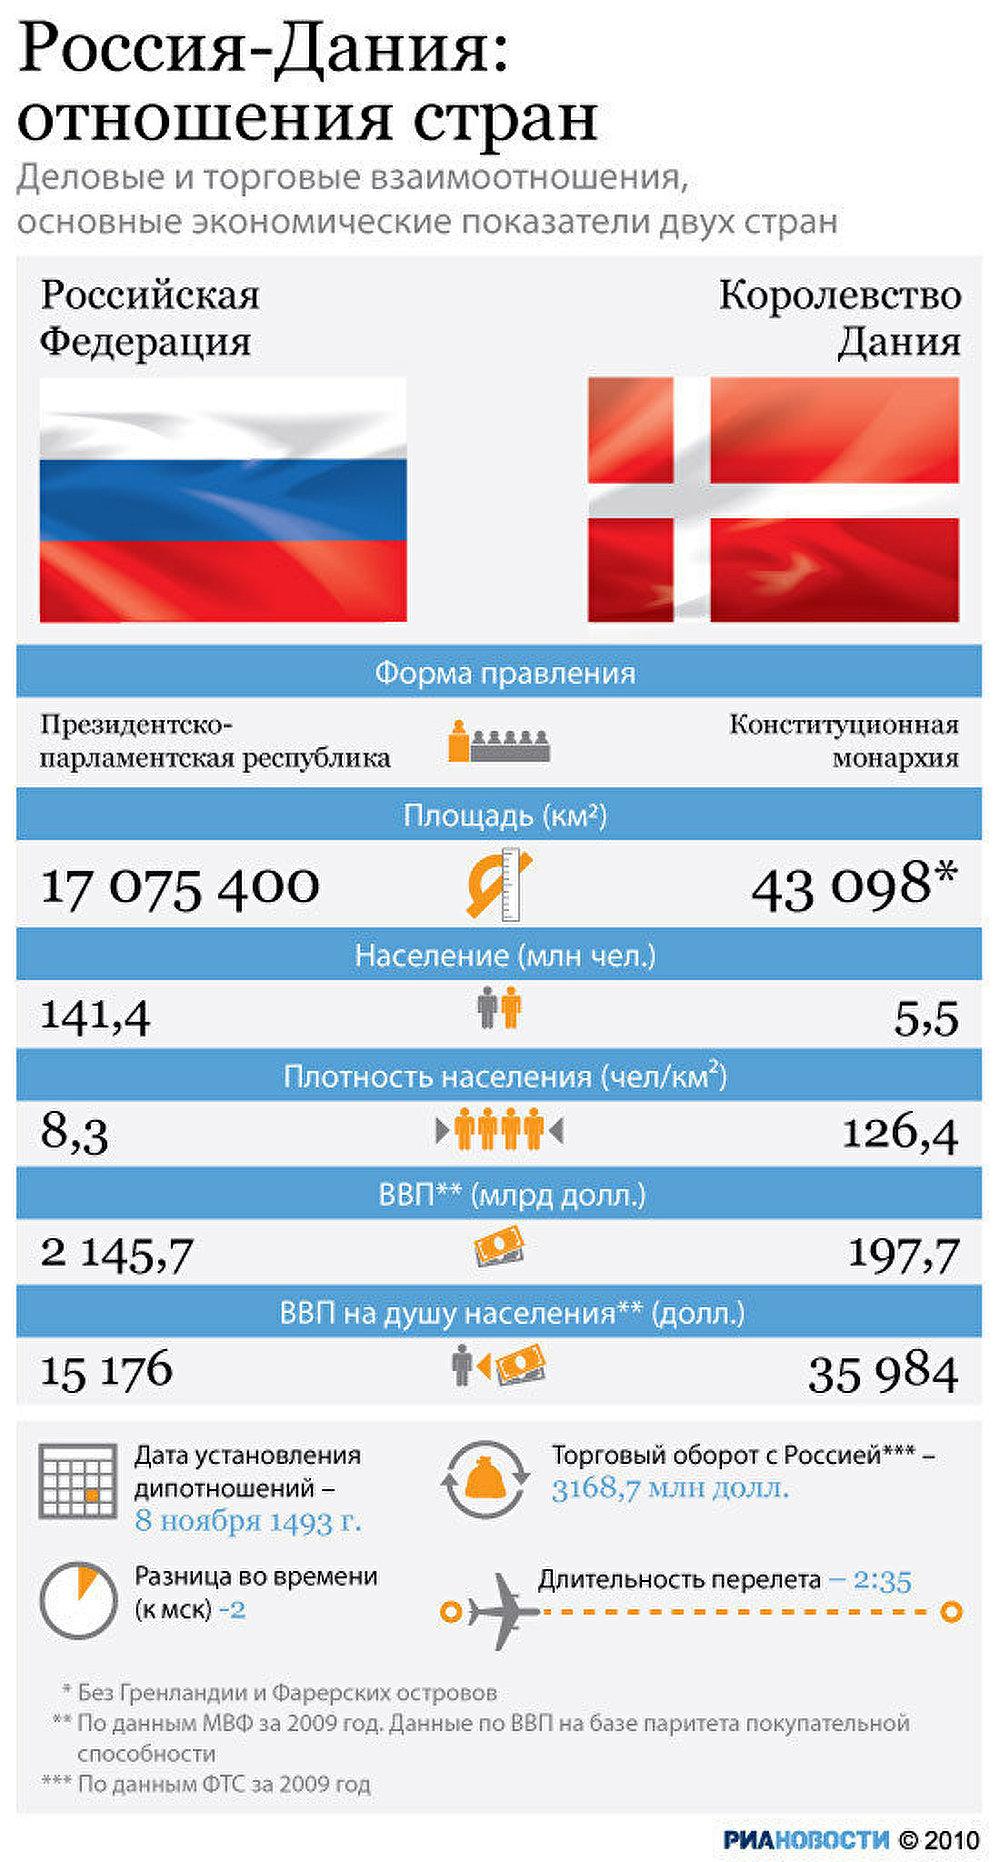 Россия-Дания: отношения стран